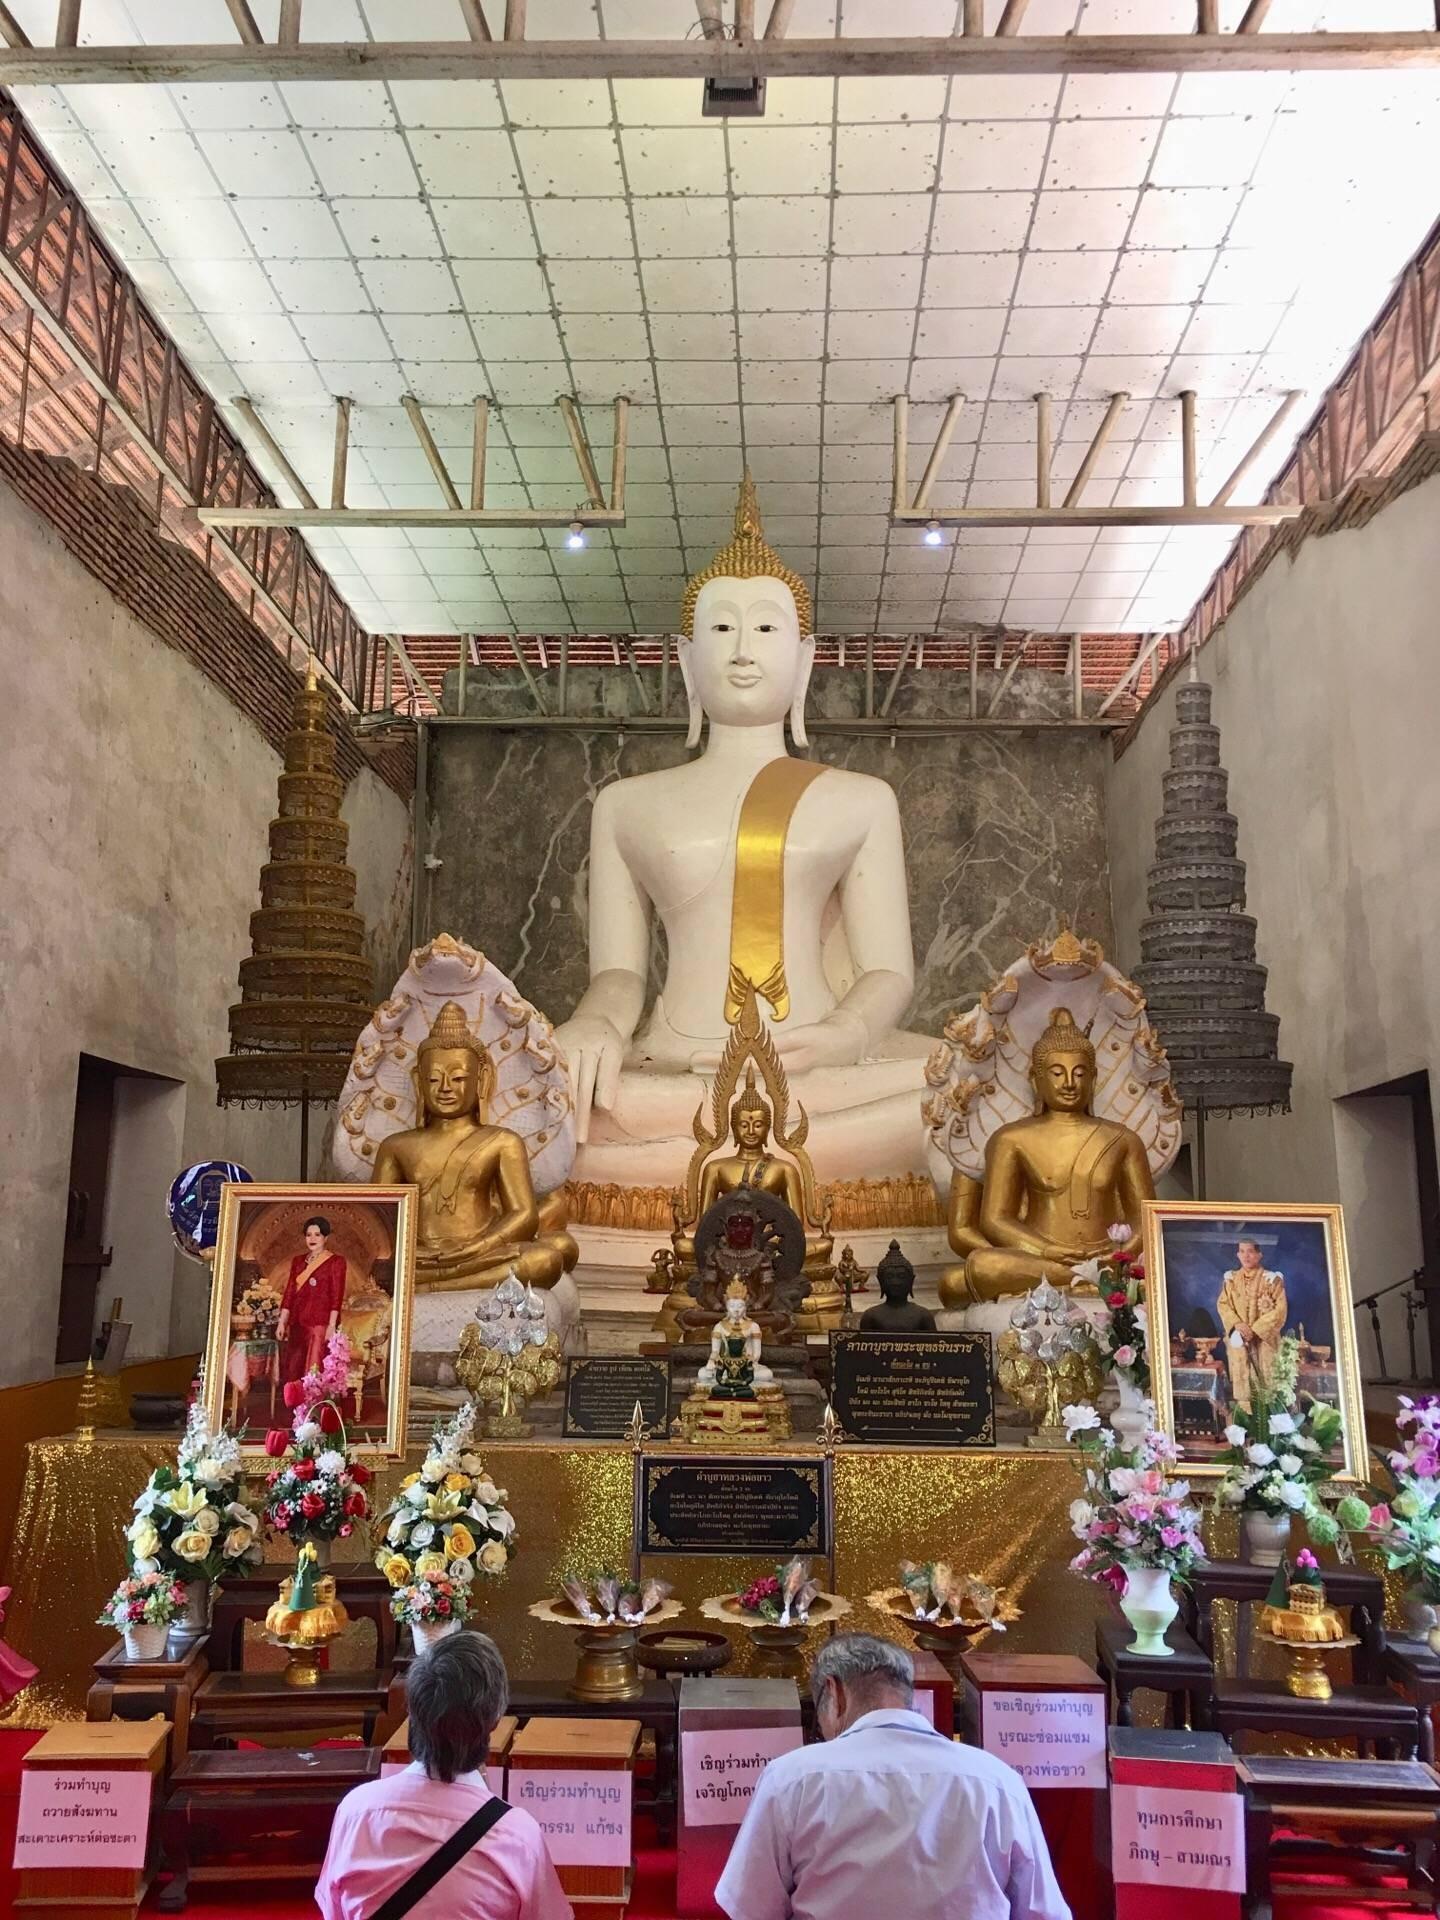 หลวงพ่อขาว พระพุทธรูปศักดิ์สิทธิ์ที่ประดิษฐานอยู่ในวัดธรรมิกราช